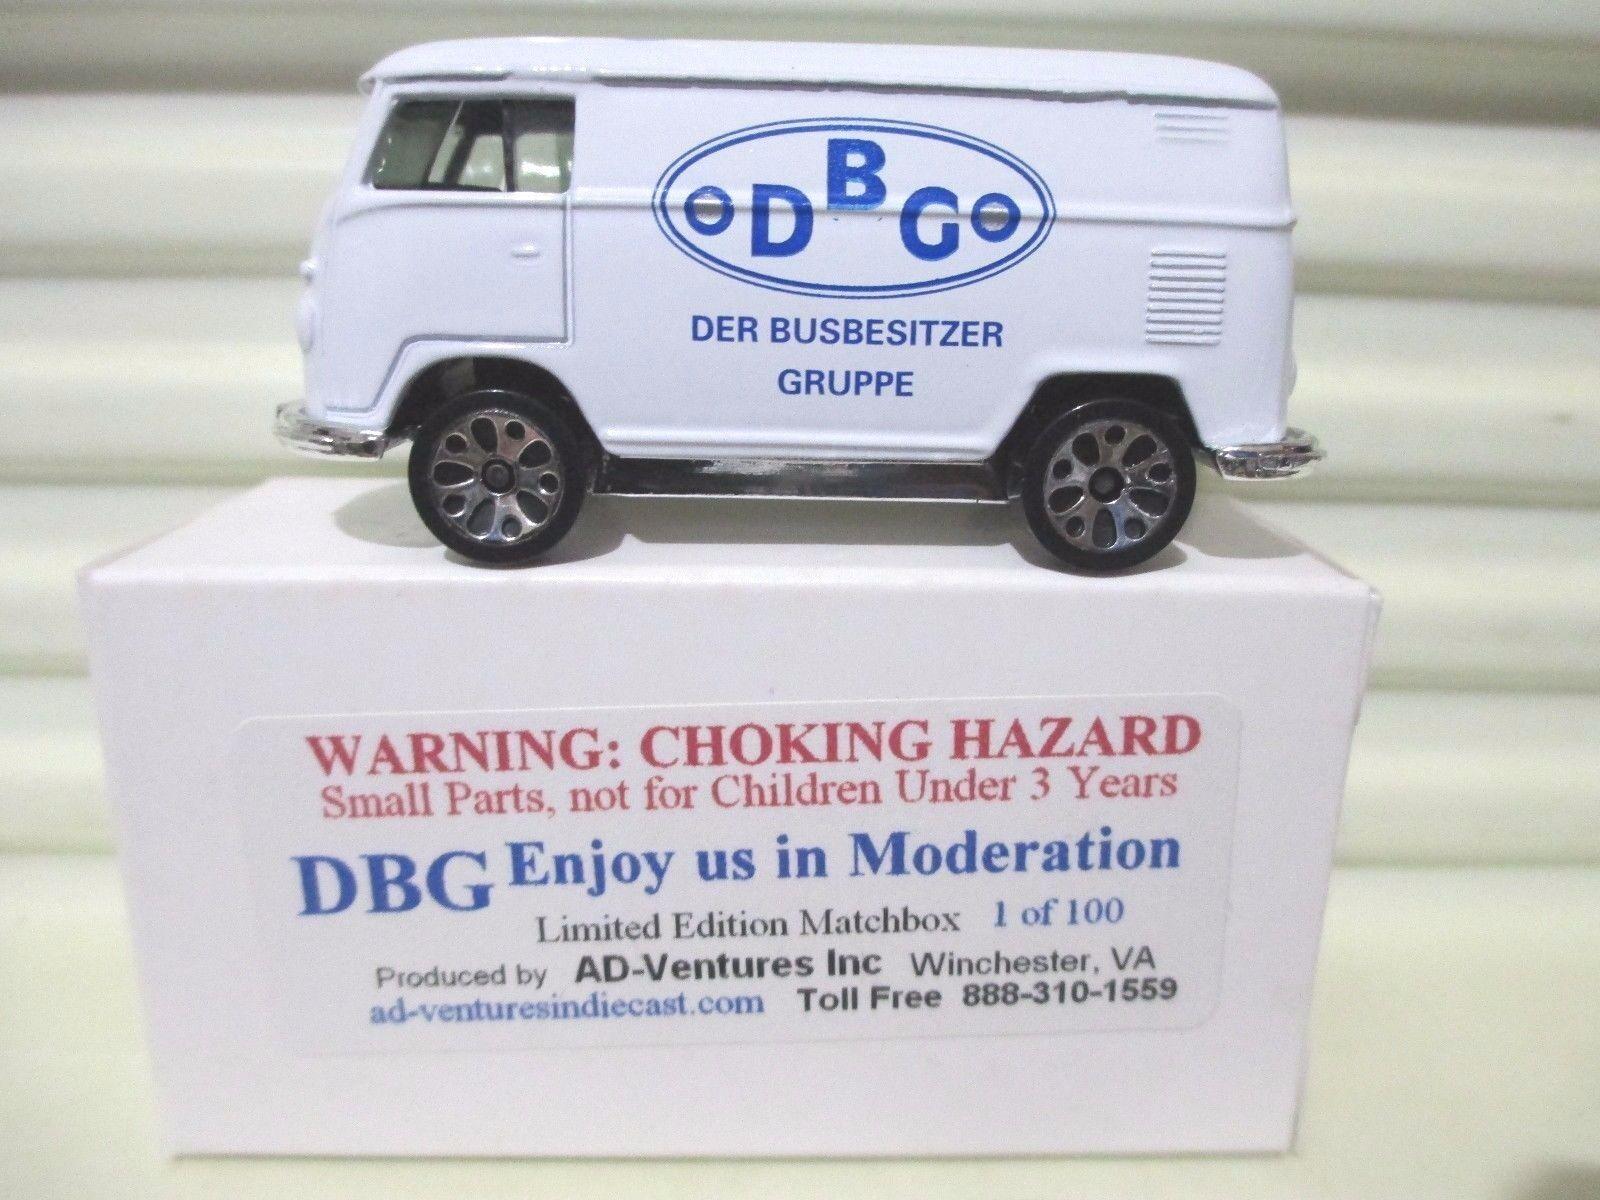 Matchbox limited Edition 2003 DBG DER BUSBESITZER GRUPPE VW VOLKSWAGEN Van NuBxd